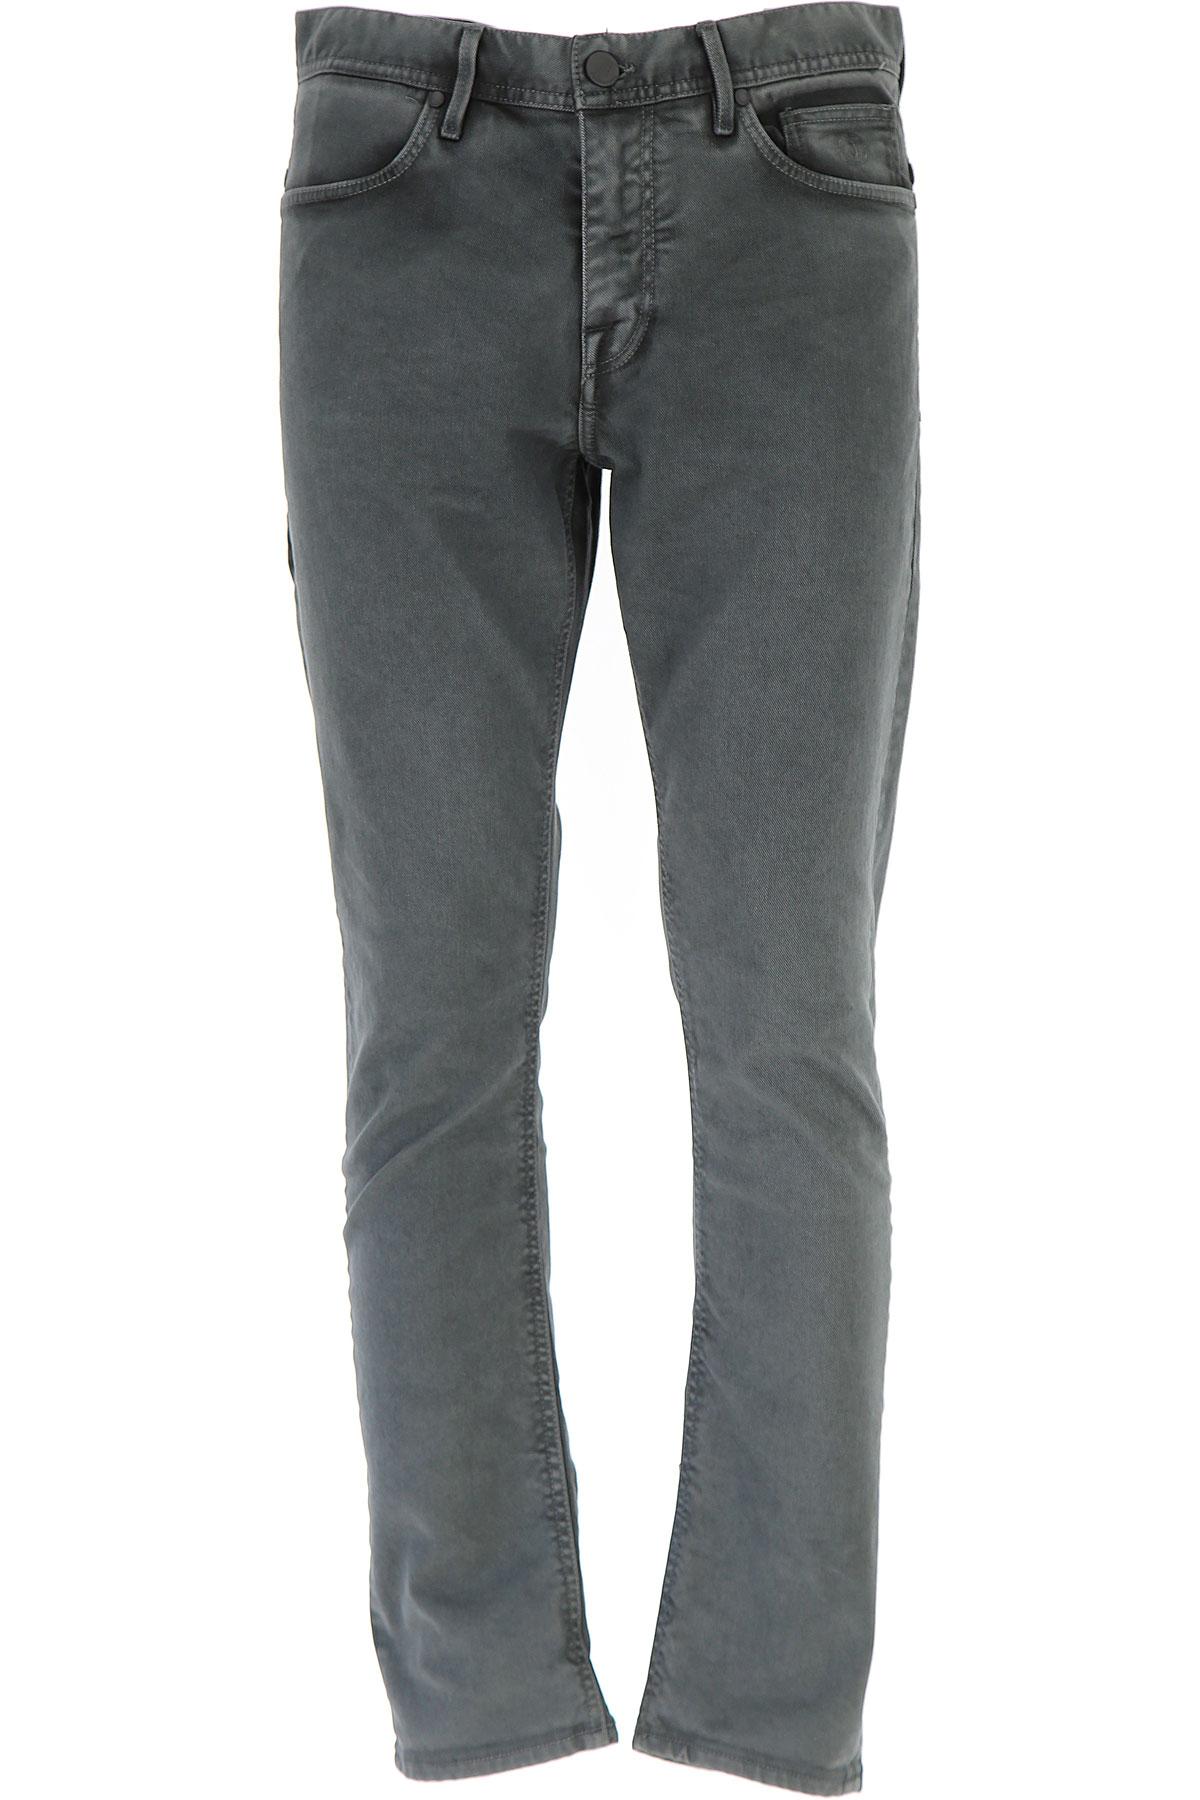 Image of Jeckerson Jeans, Black, Cotton, 2017, 31 32 33